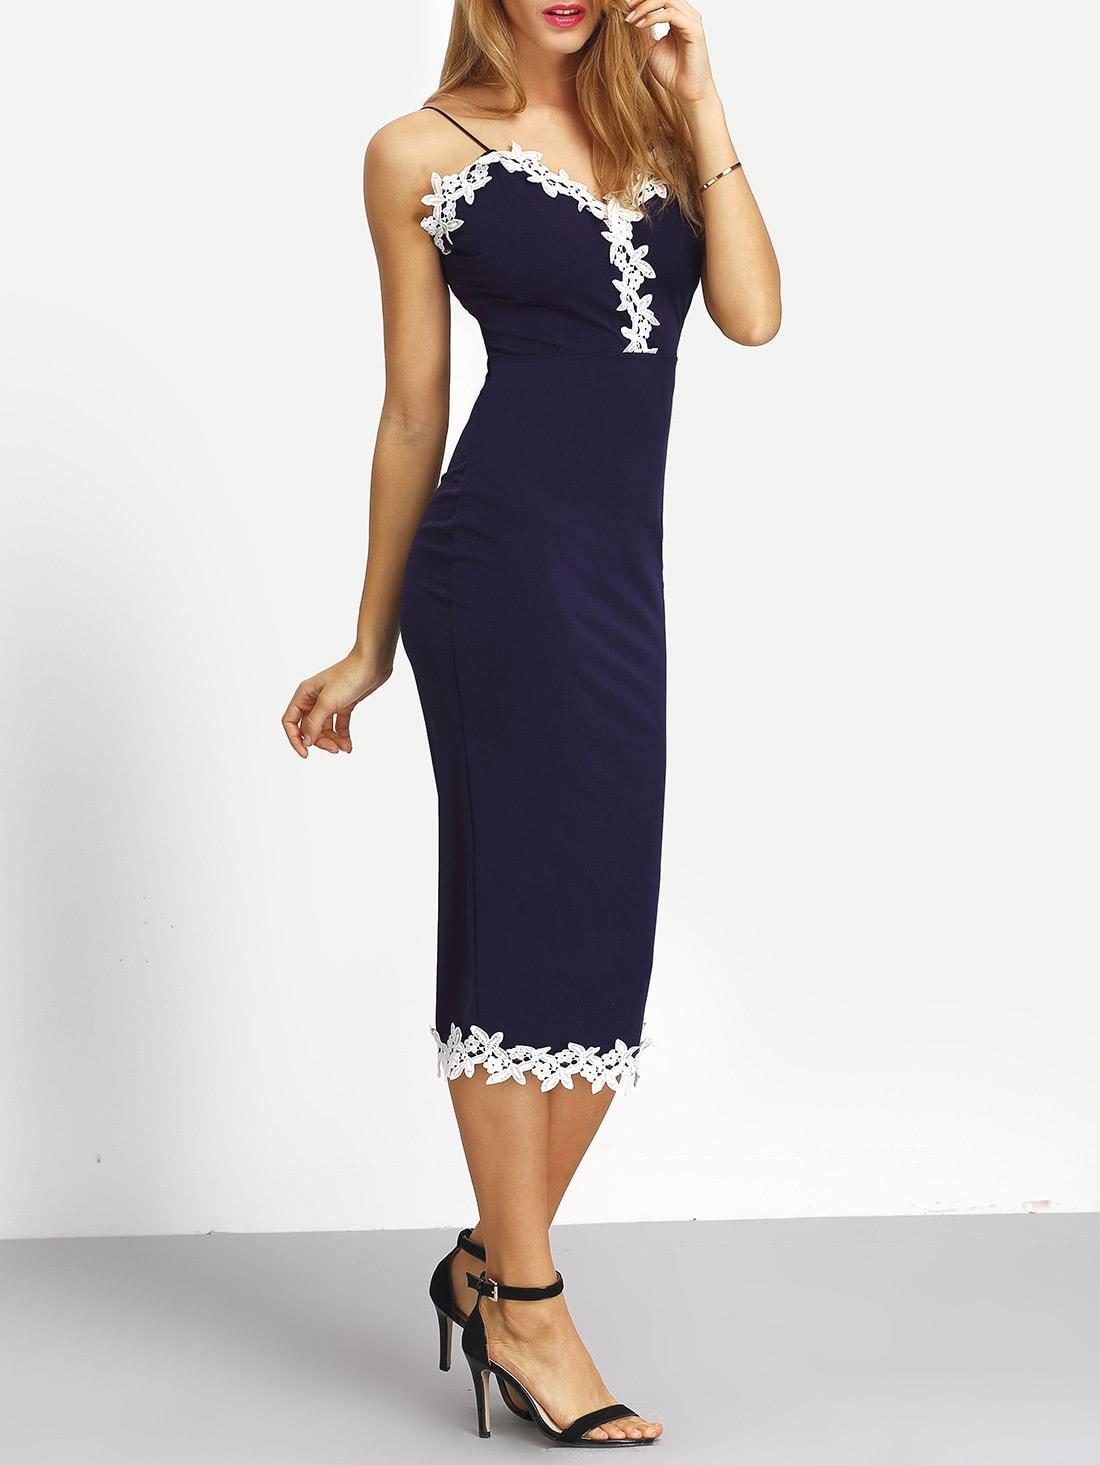 Spaghetti Strap Contrast Lace Split Back Dress